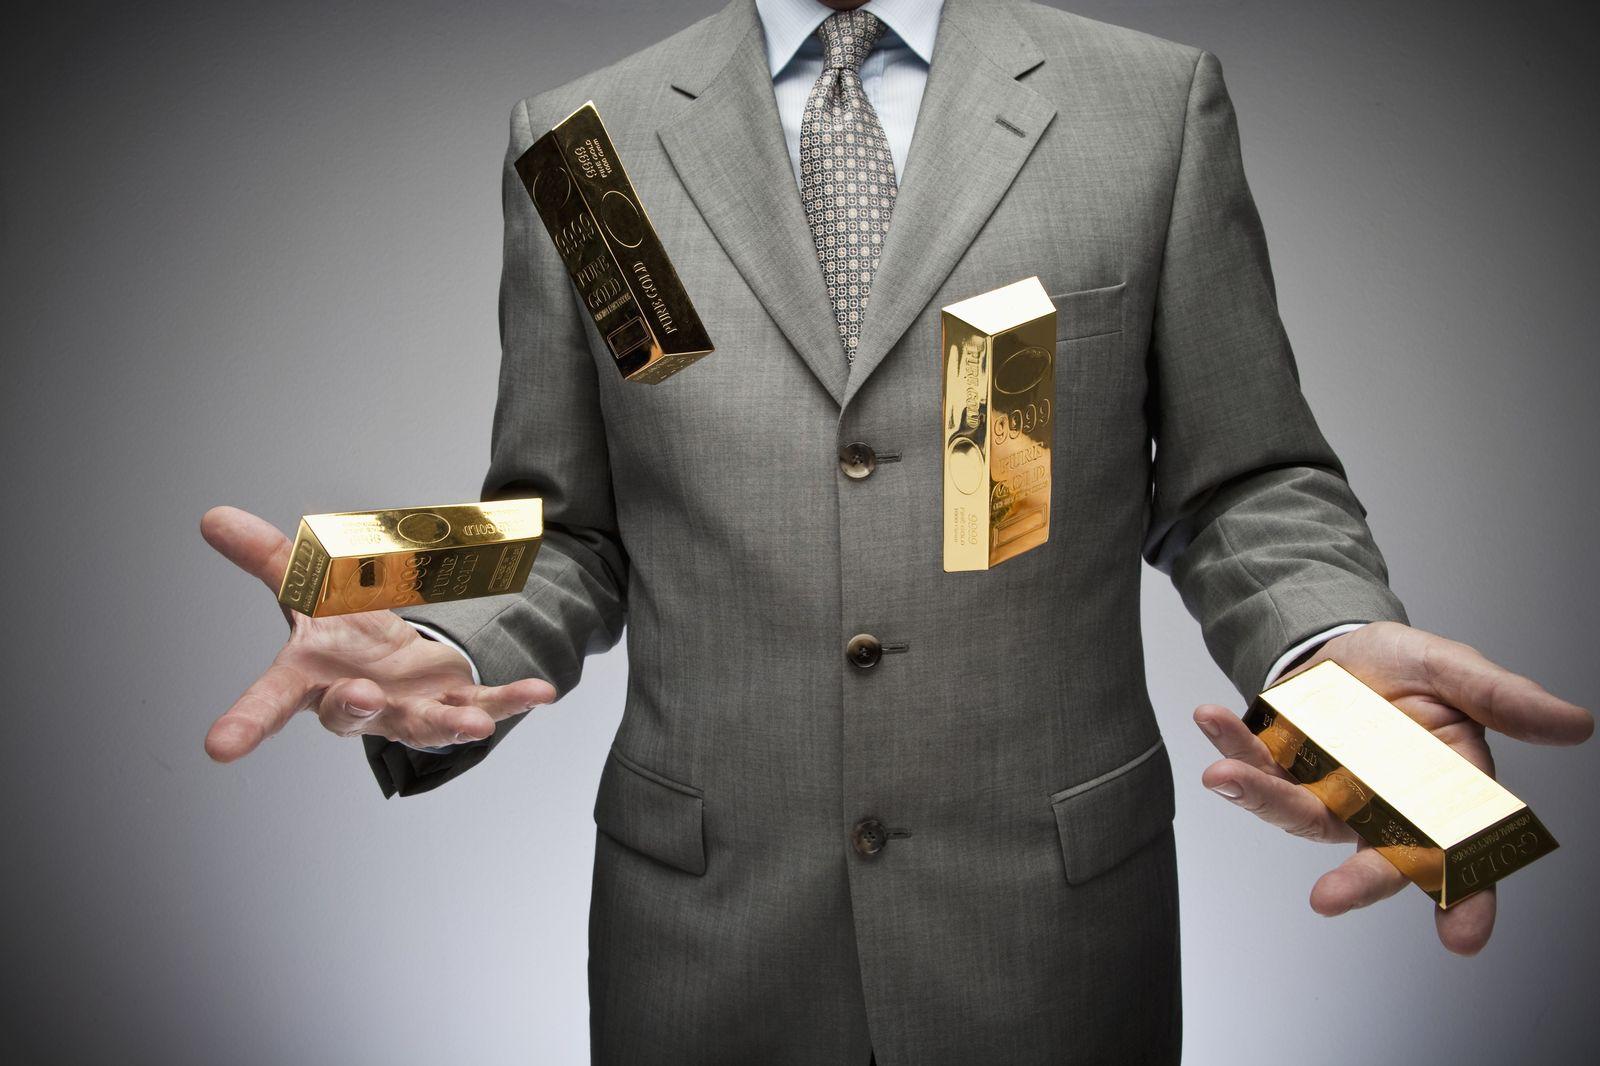 NICHT MEHR VERWENDEN! - Geschäftsmann jongliert mit Goldbarren